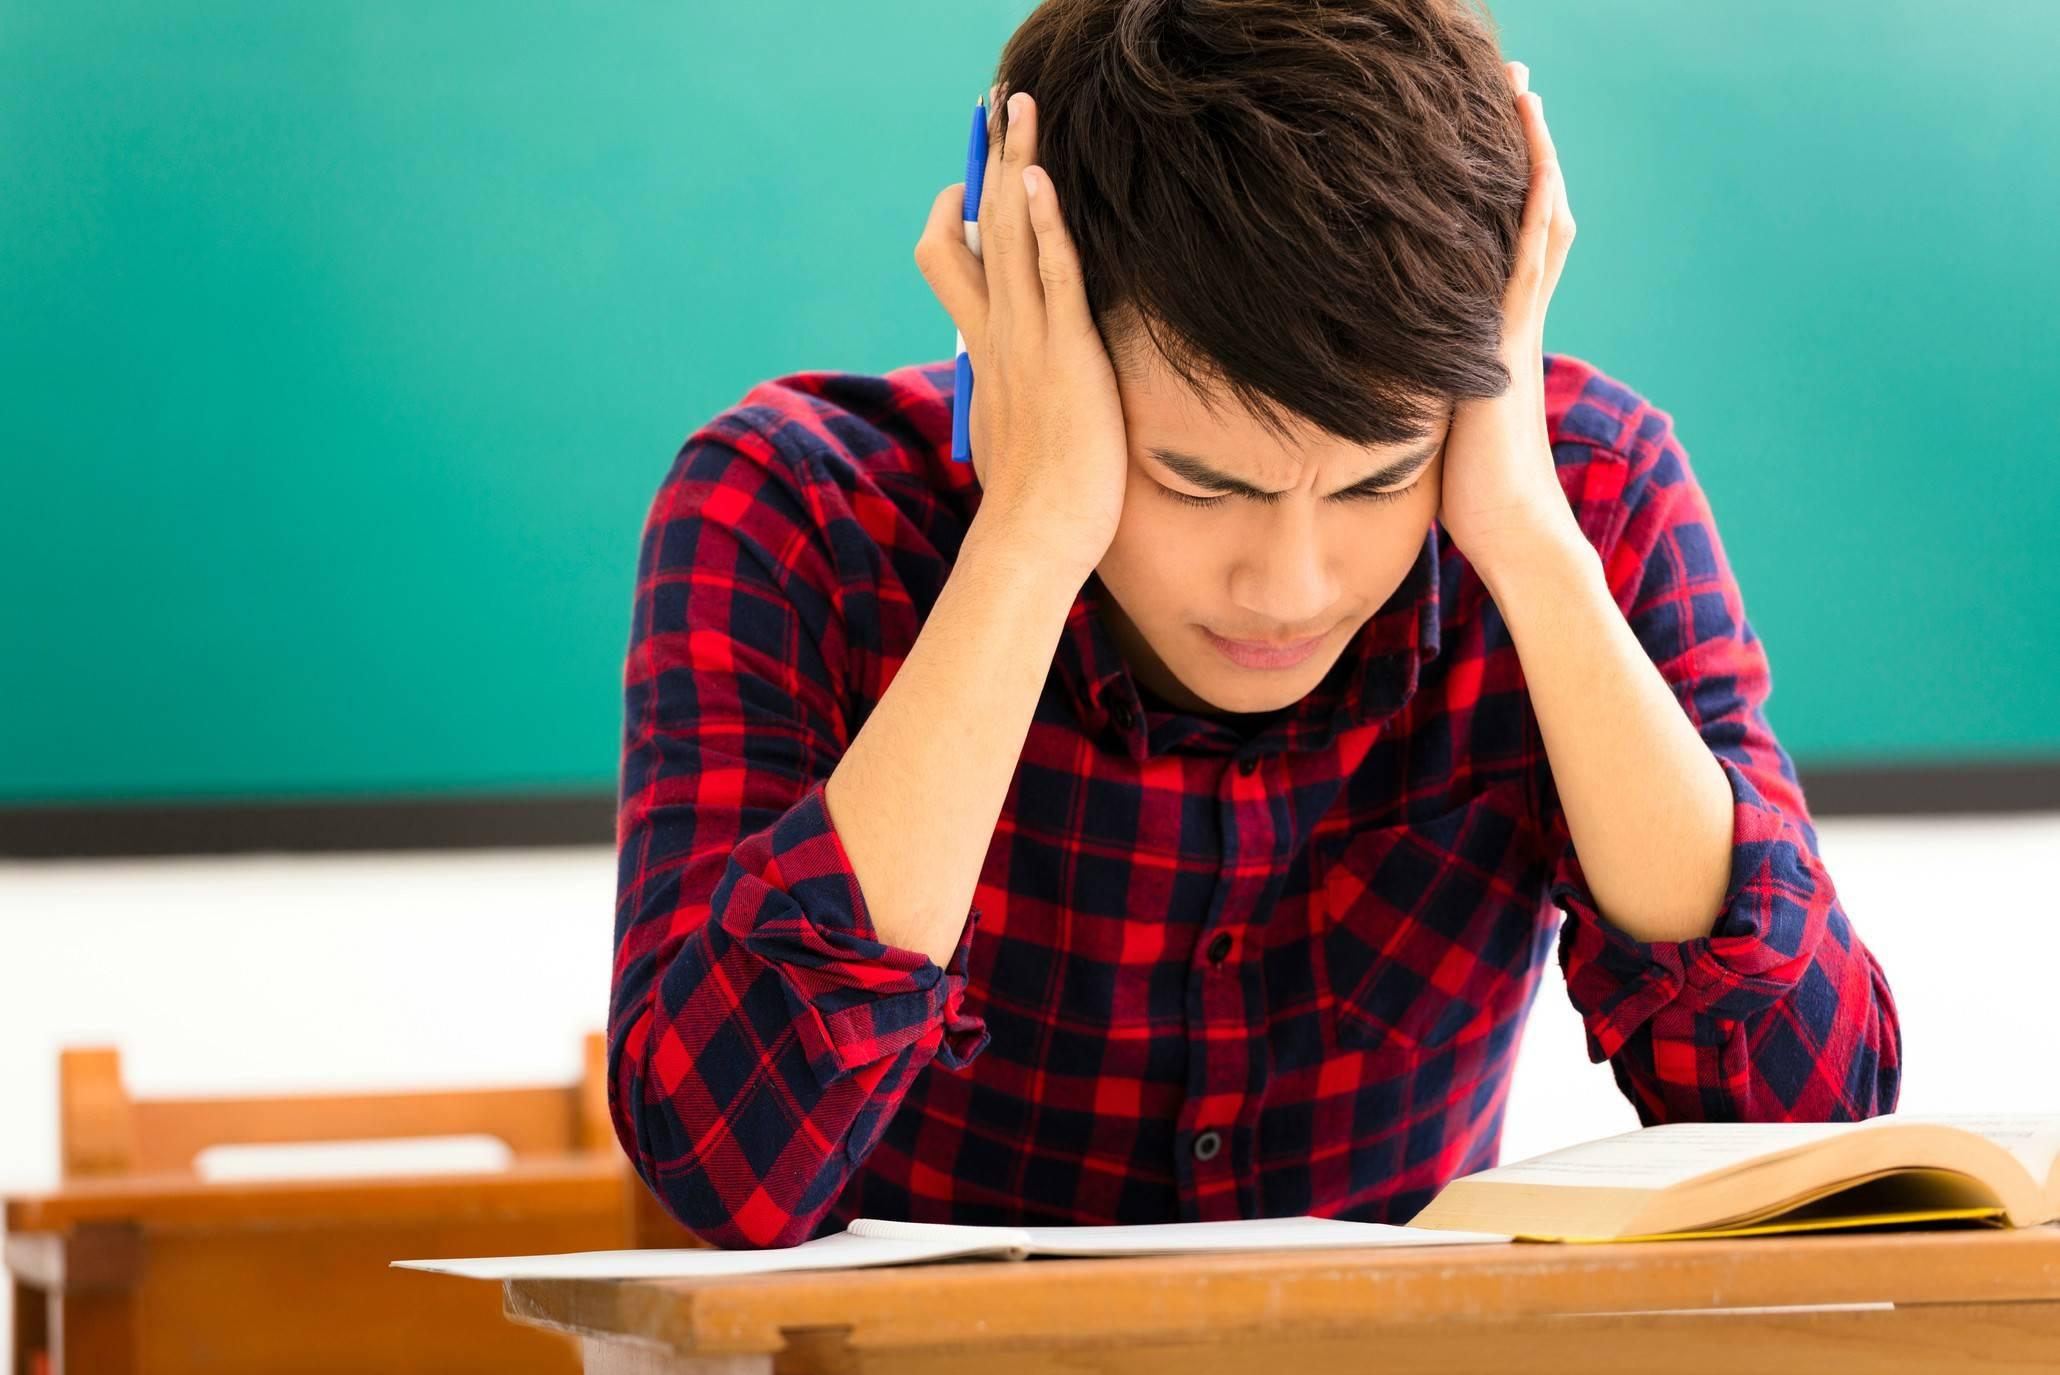 Quatro atitudes que te ajudarão a encarar as reprovações na faculdade